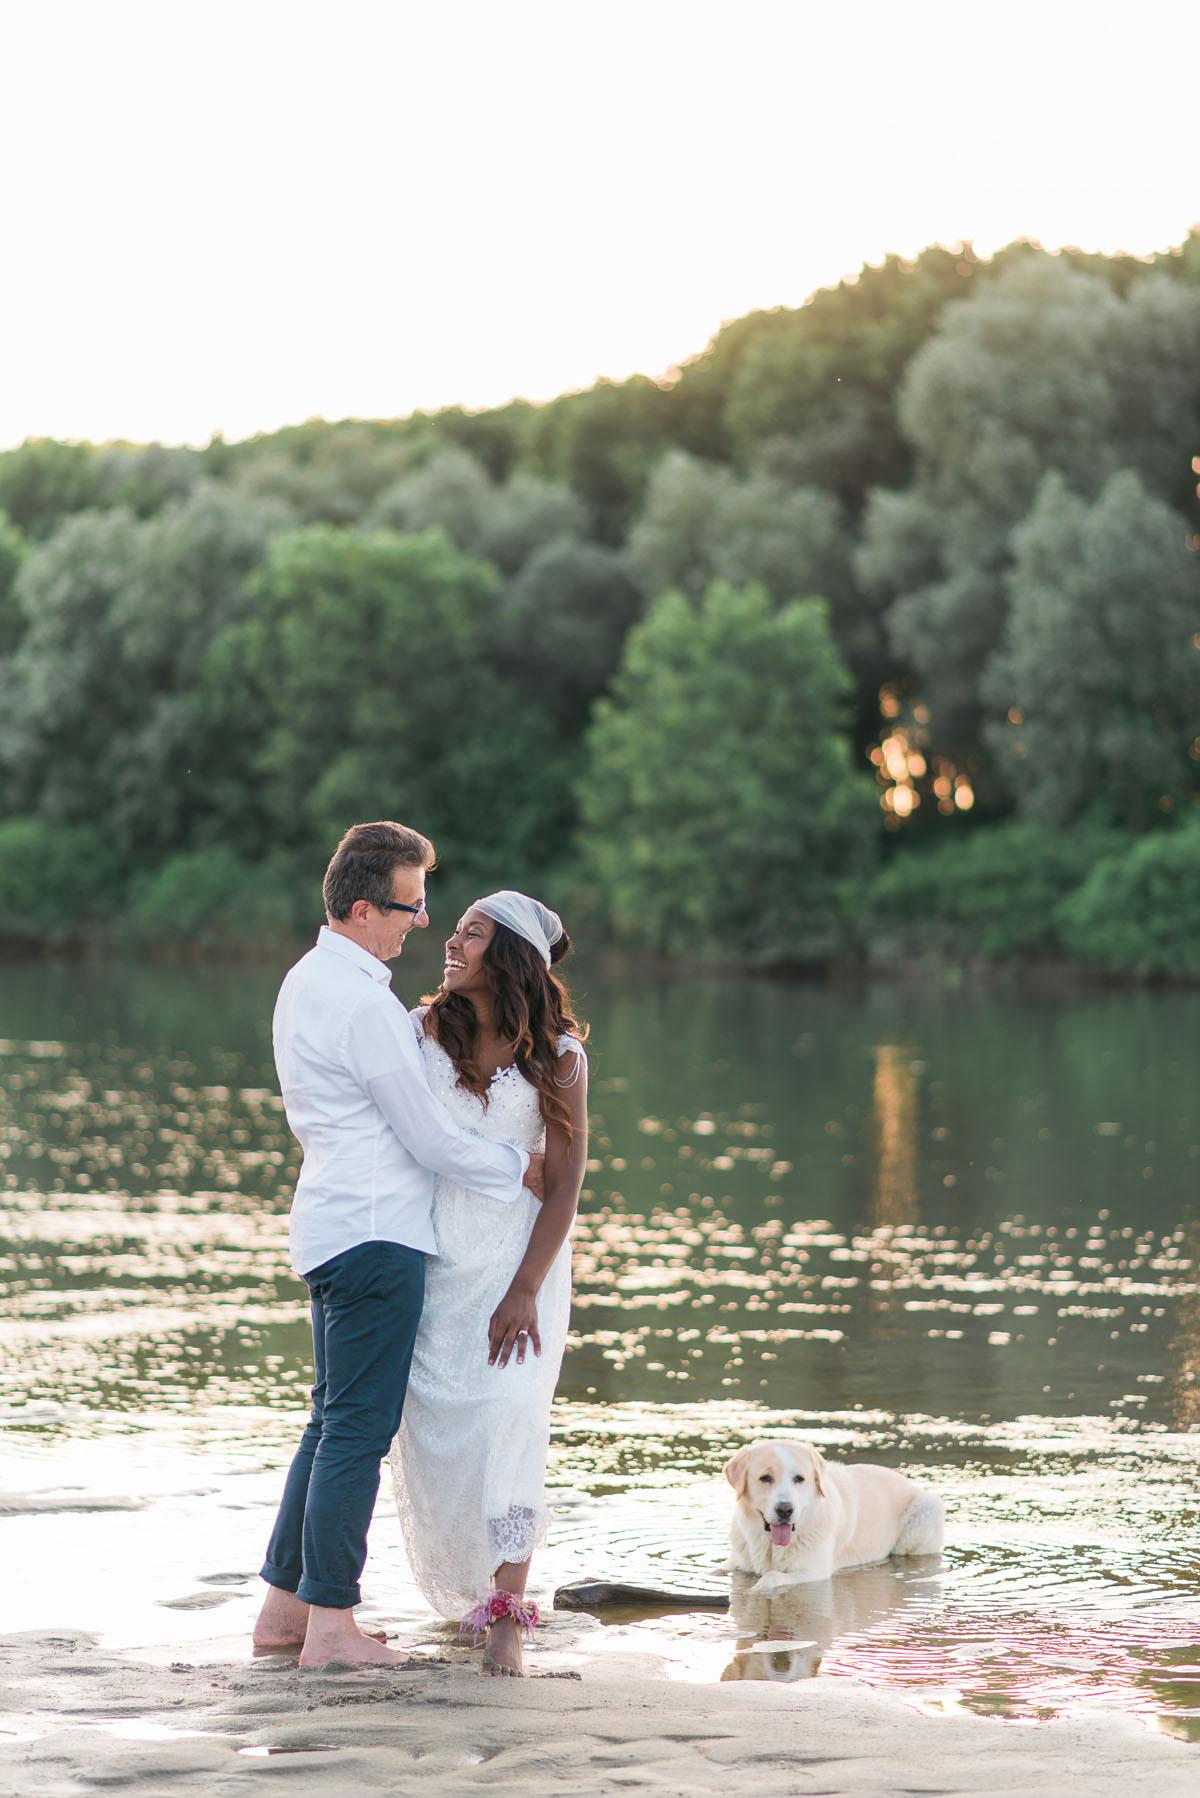 matrimonio boho chic sulle rive del po